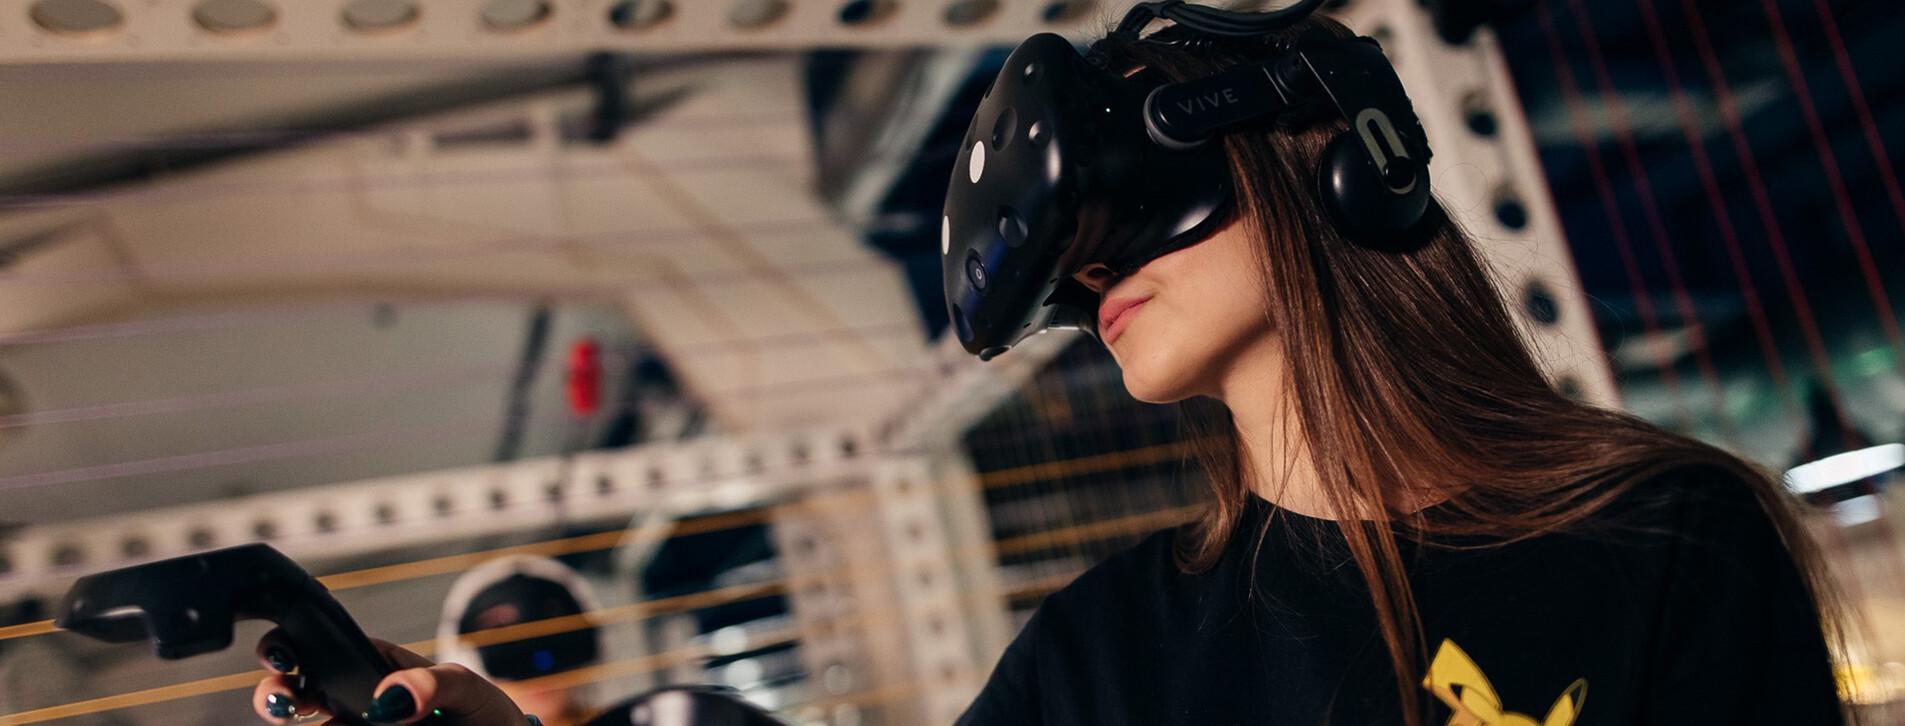 Фото 1 - Погружение в мир VR-игр для компании